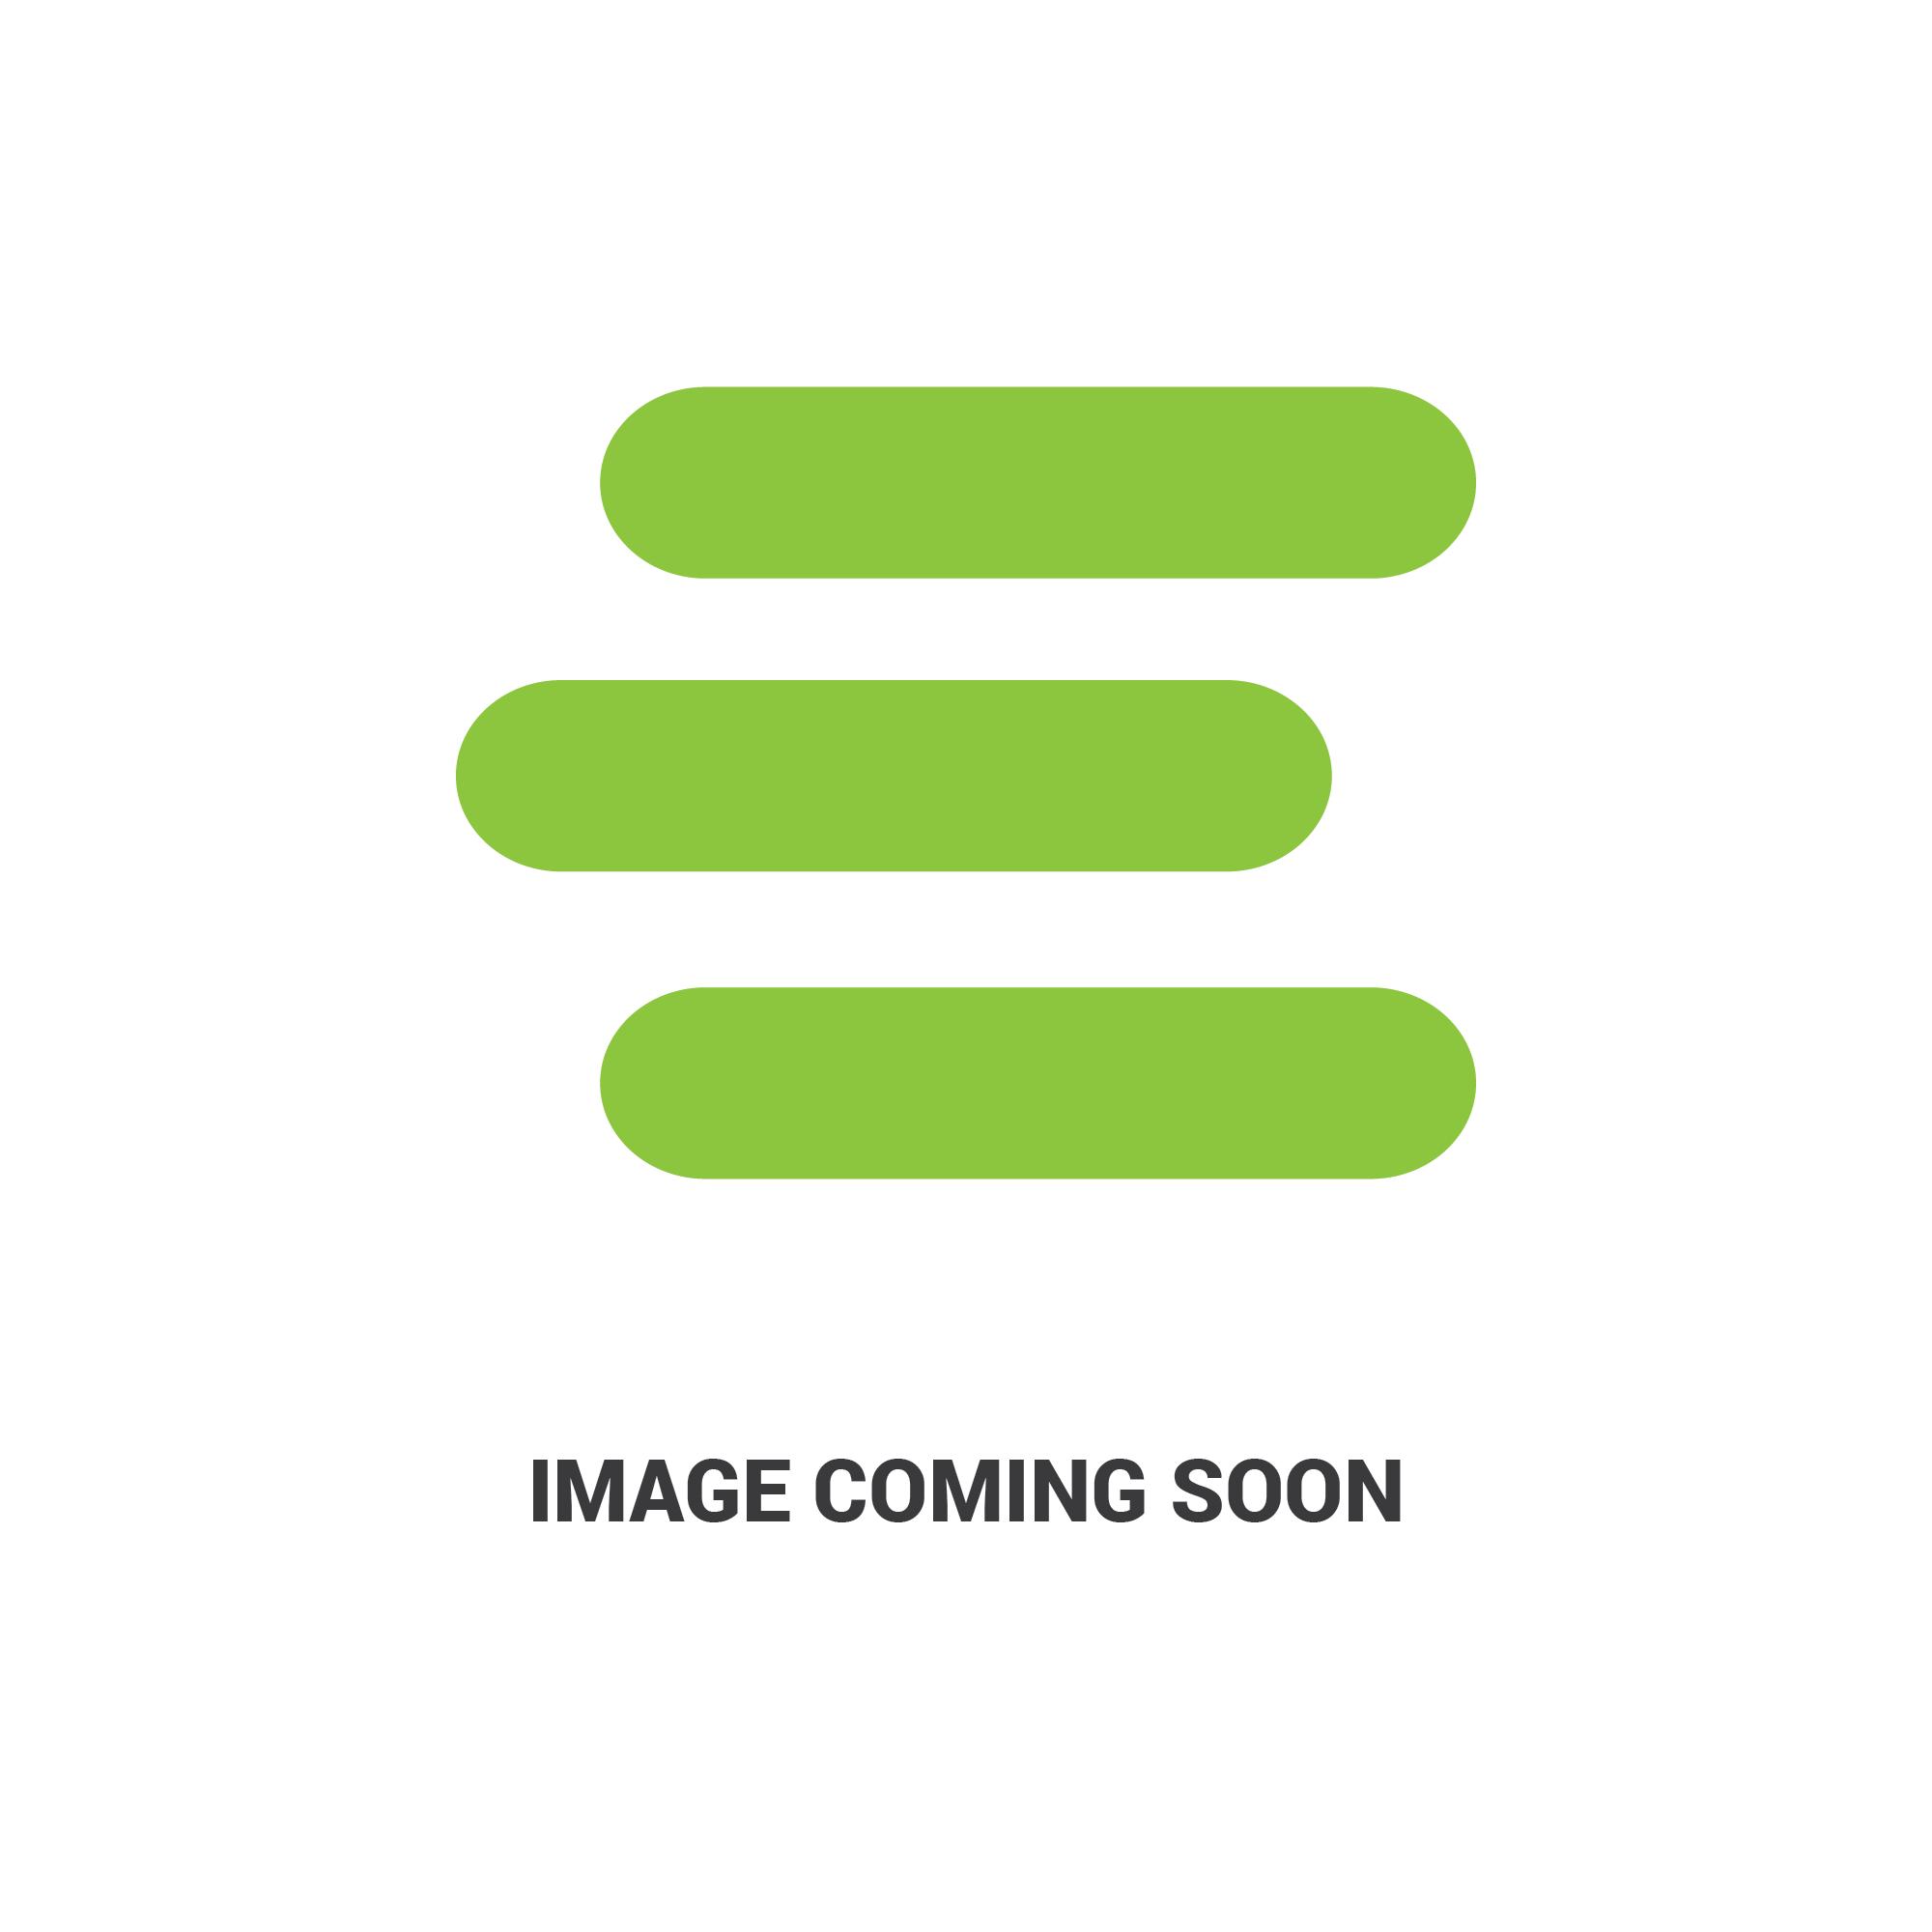 E-6A320-59930edit 1102.jpg